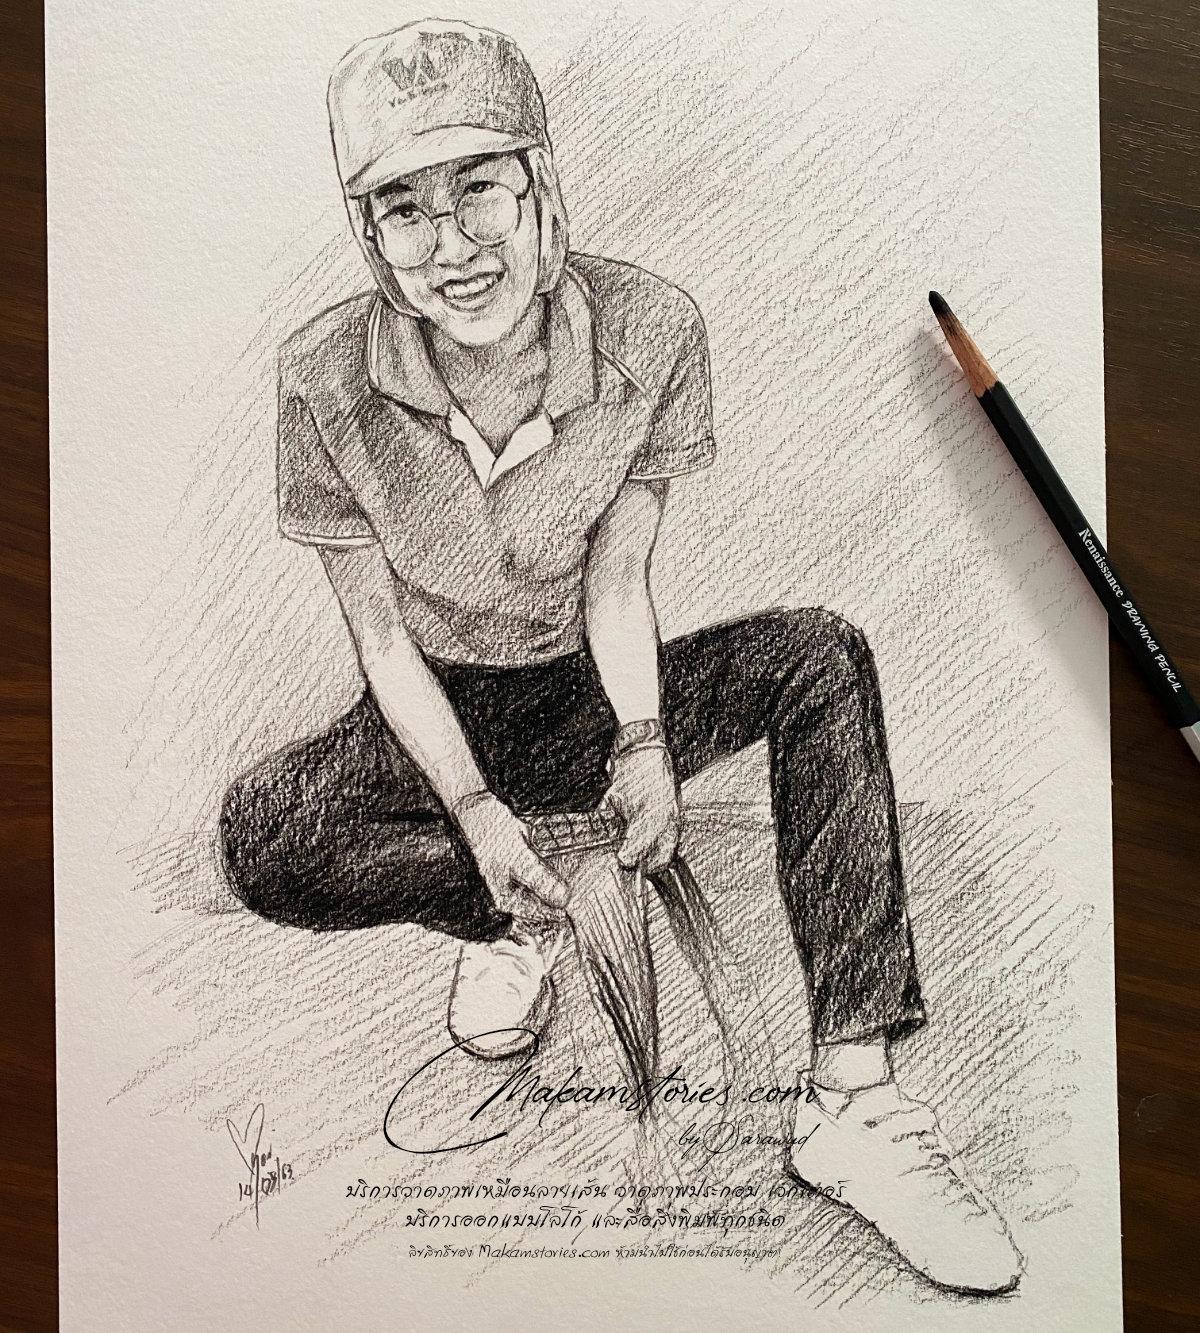 วาดภาพเหมือนลายเส้นดินสอ ภาพเหมือนดรออิ้ง Drawing Portrait